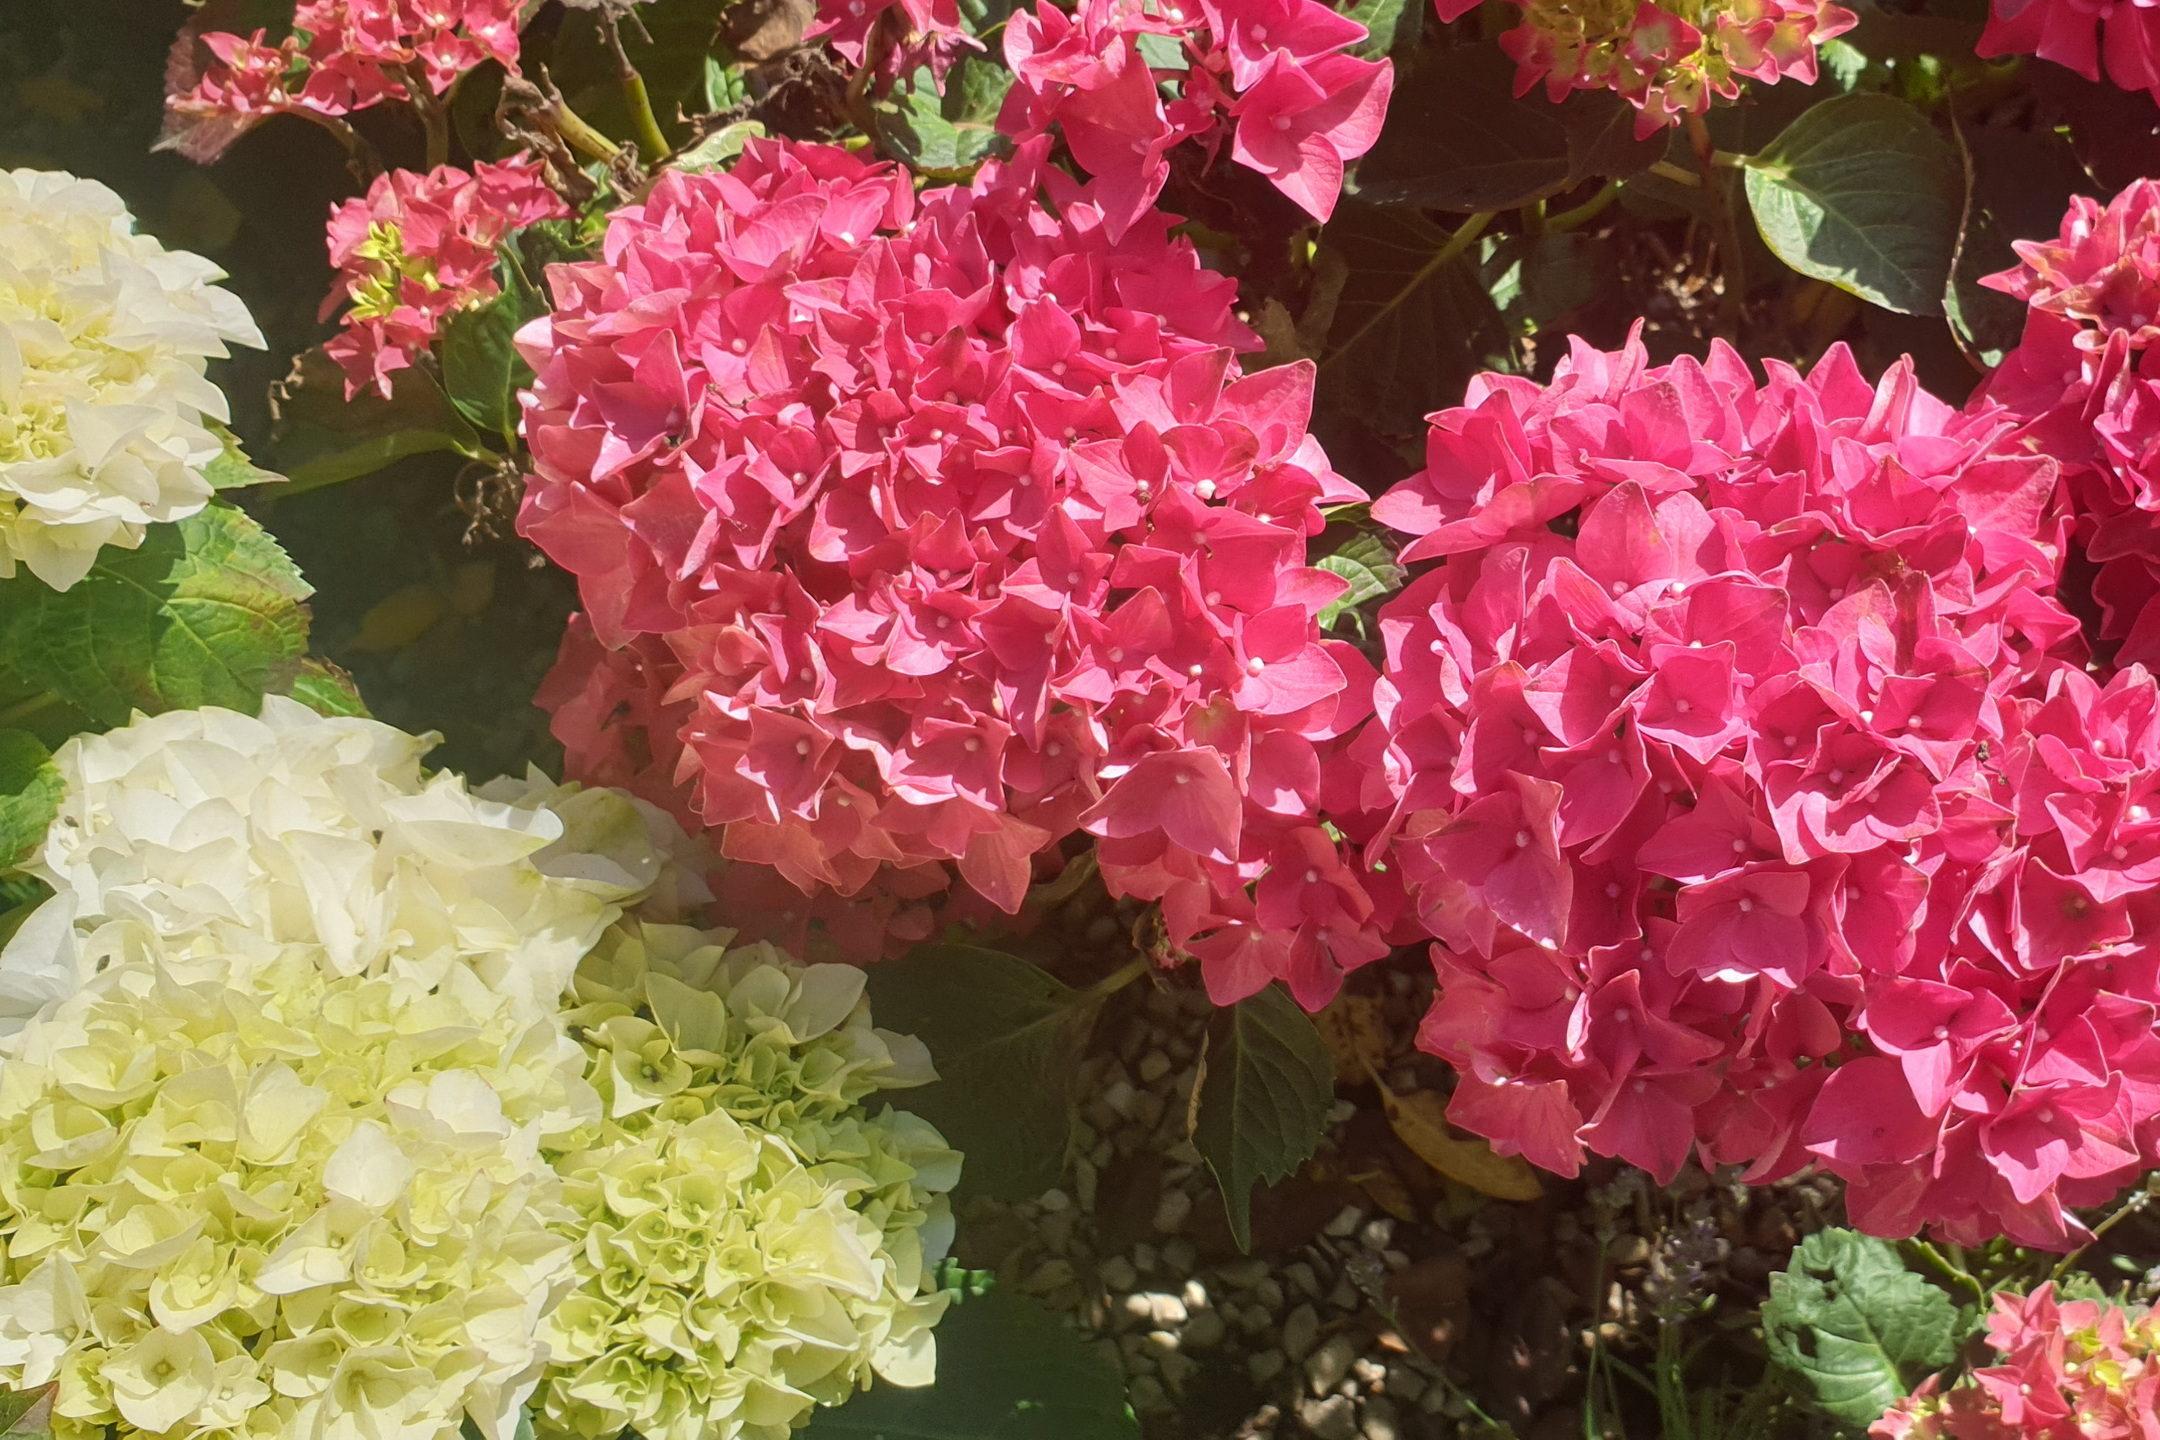 Le-jardin-des-oliviers-21-06-12-12.jpg